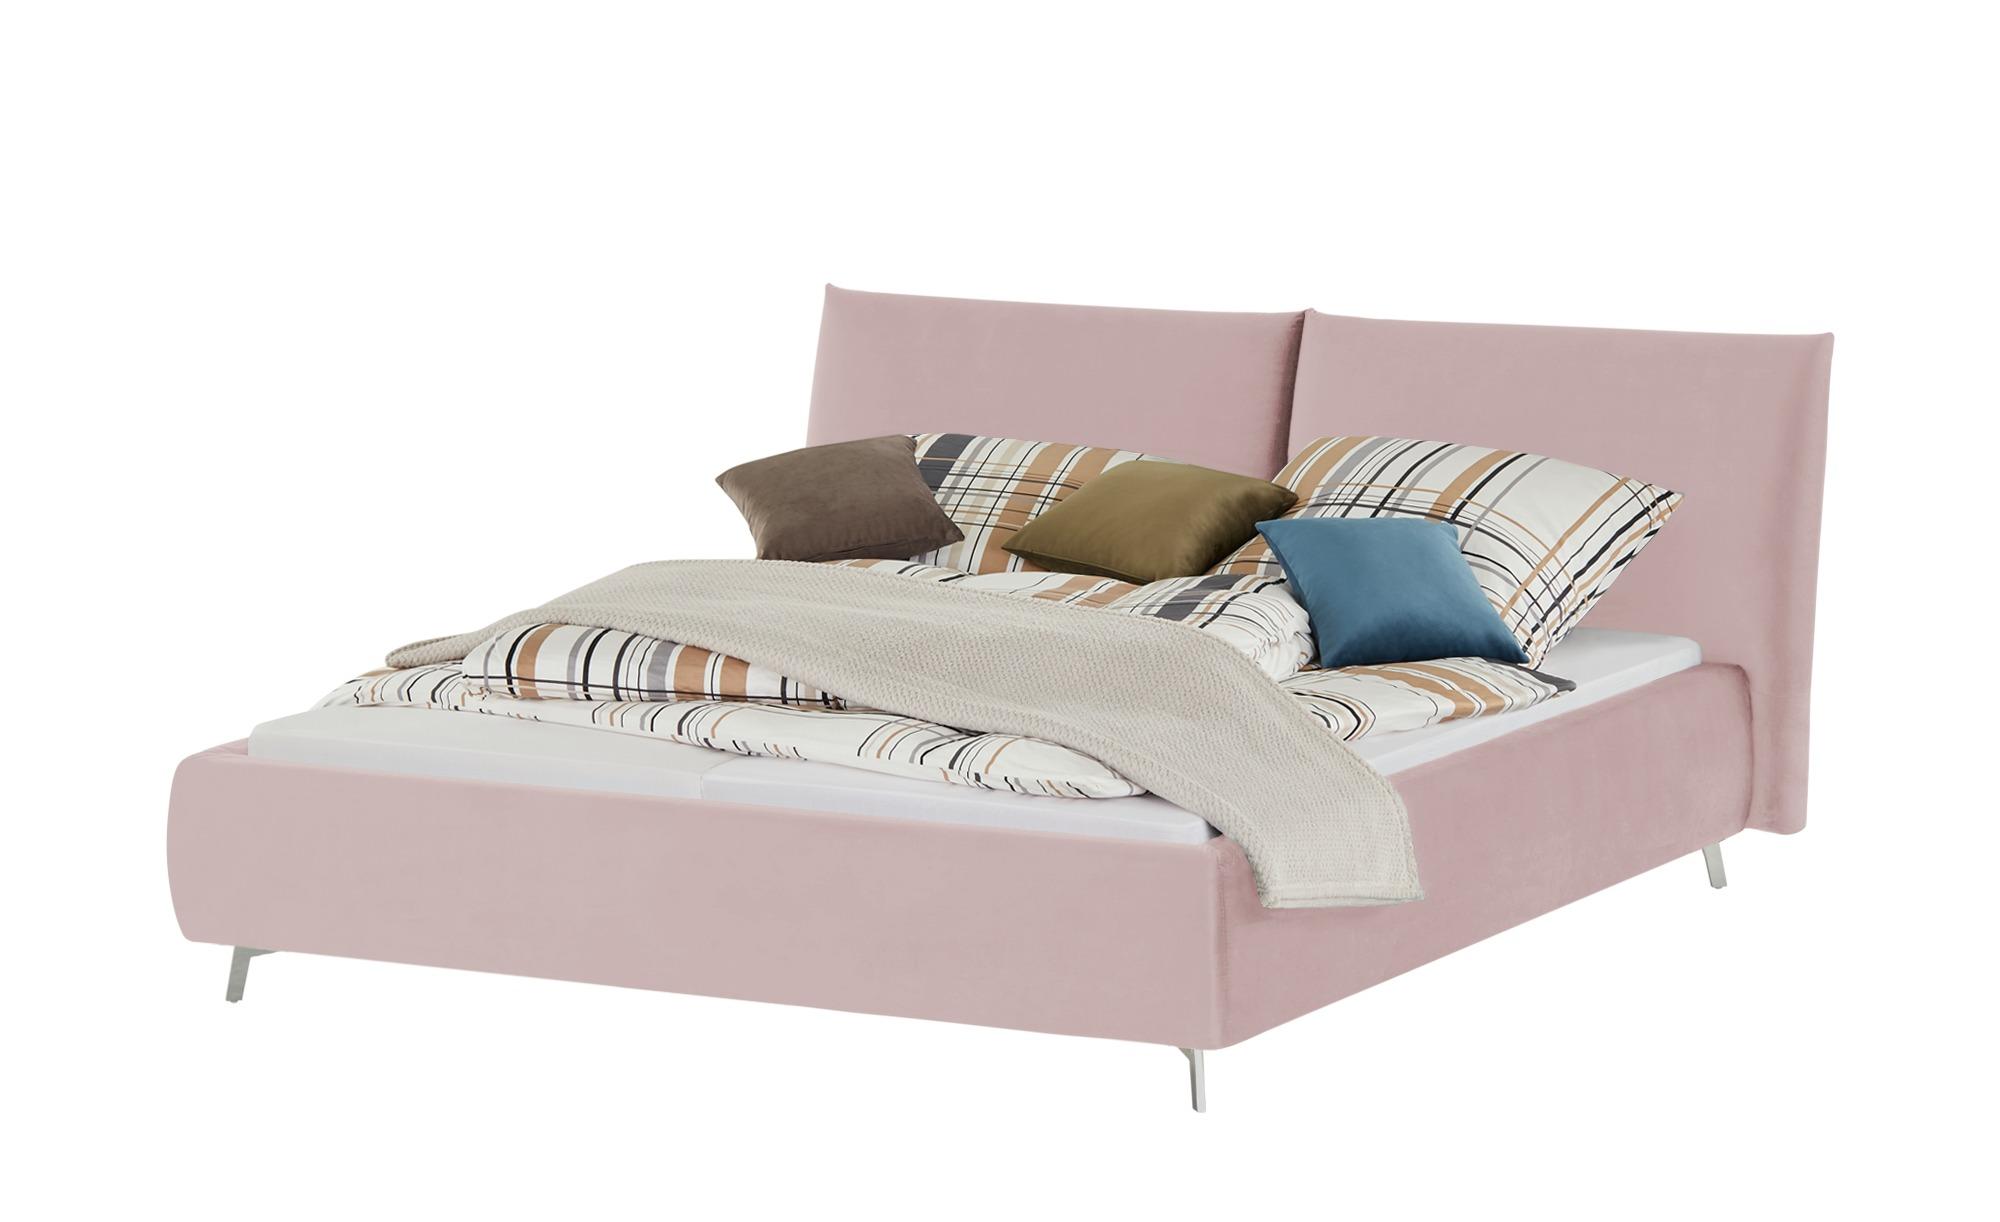 pop Polsterbettgestell  Homelike ¦ rosa/pink ¦ Maße (cm): B: 192 H: 105 Betten > Polsterbetten - Höffner